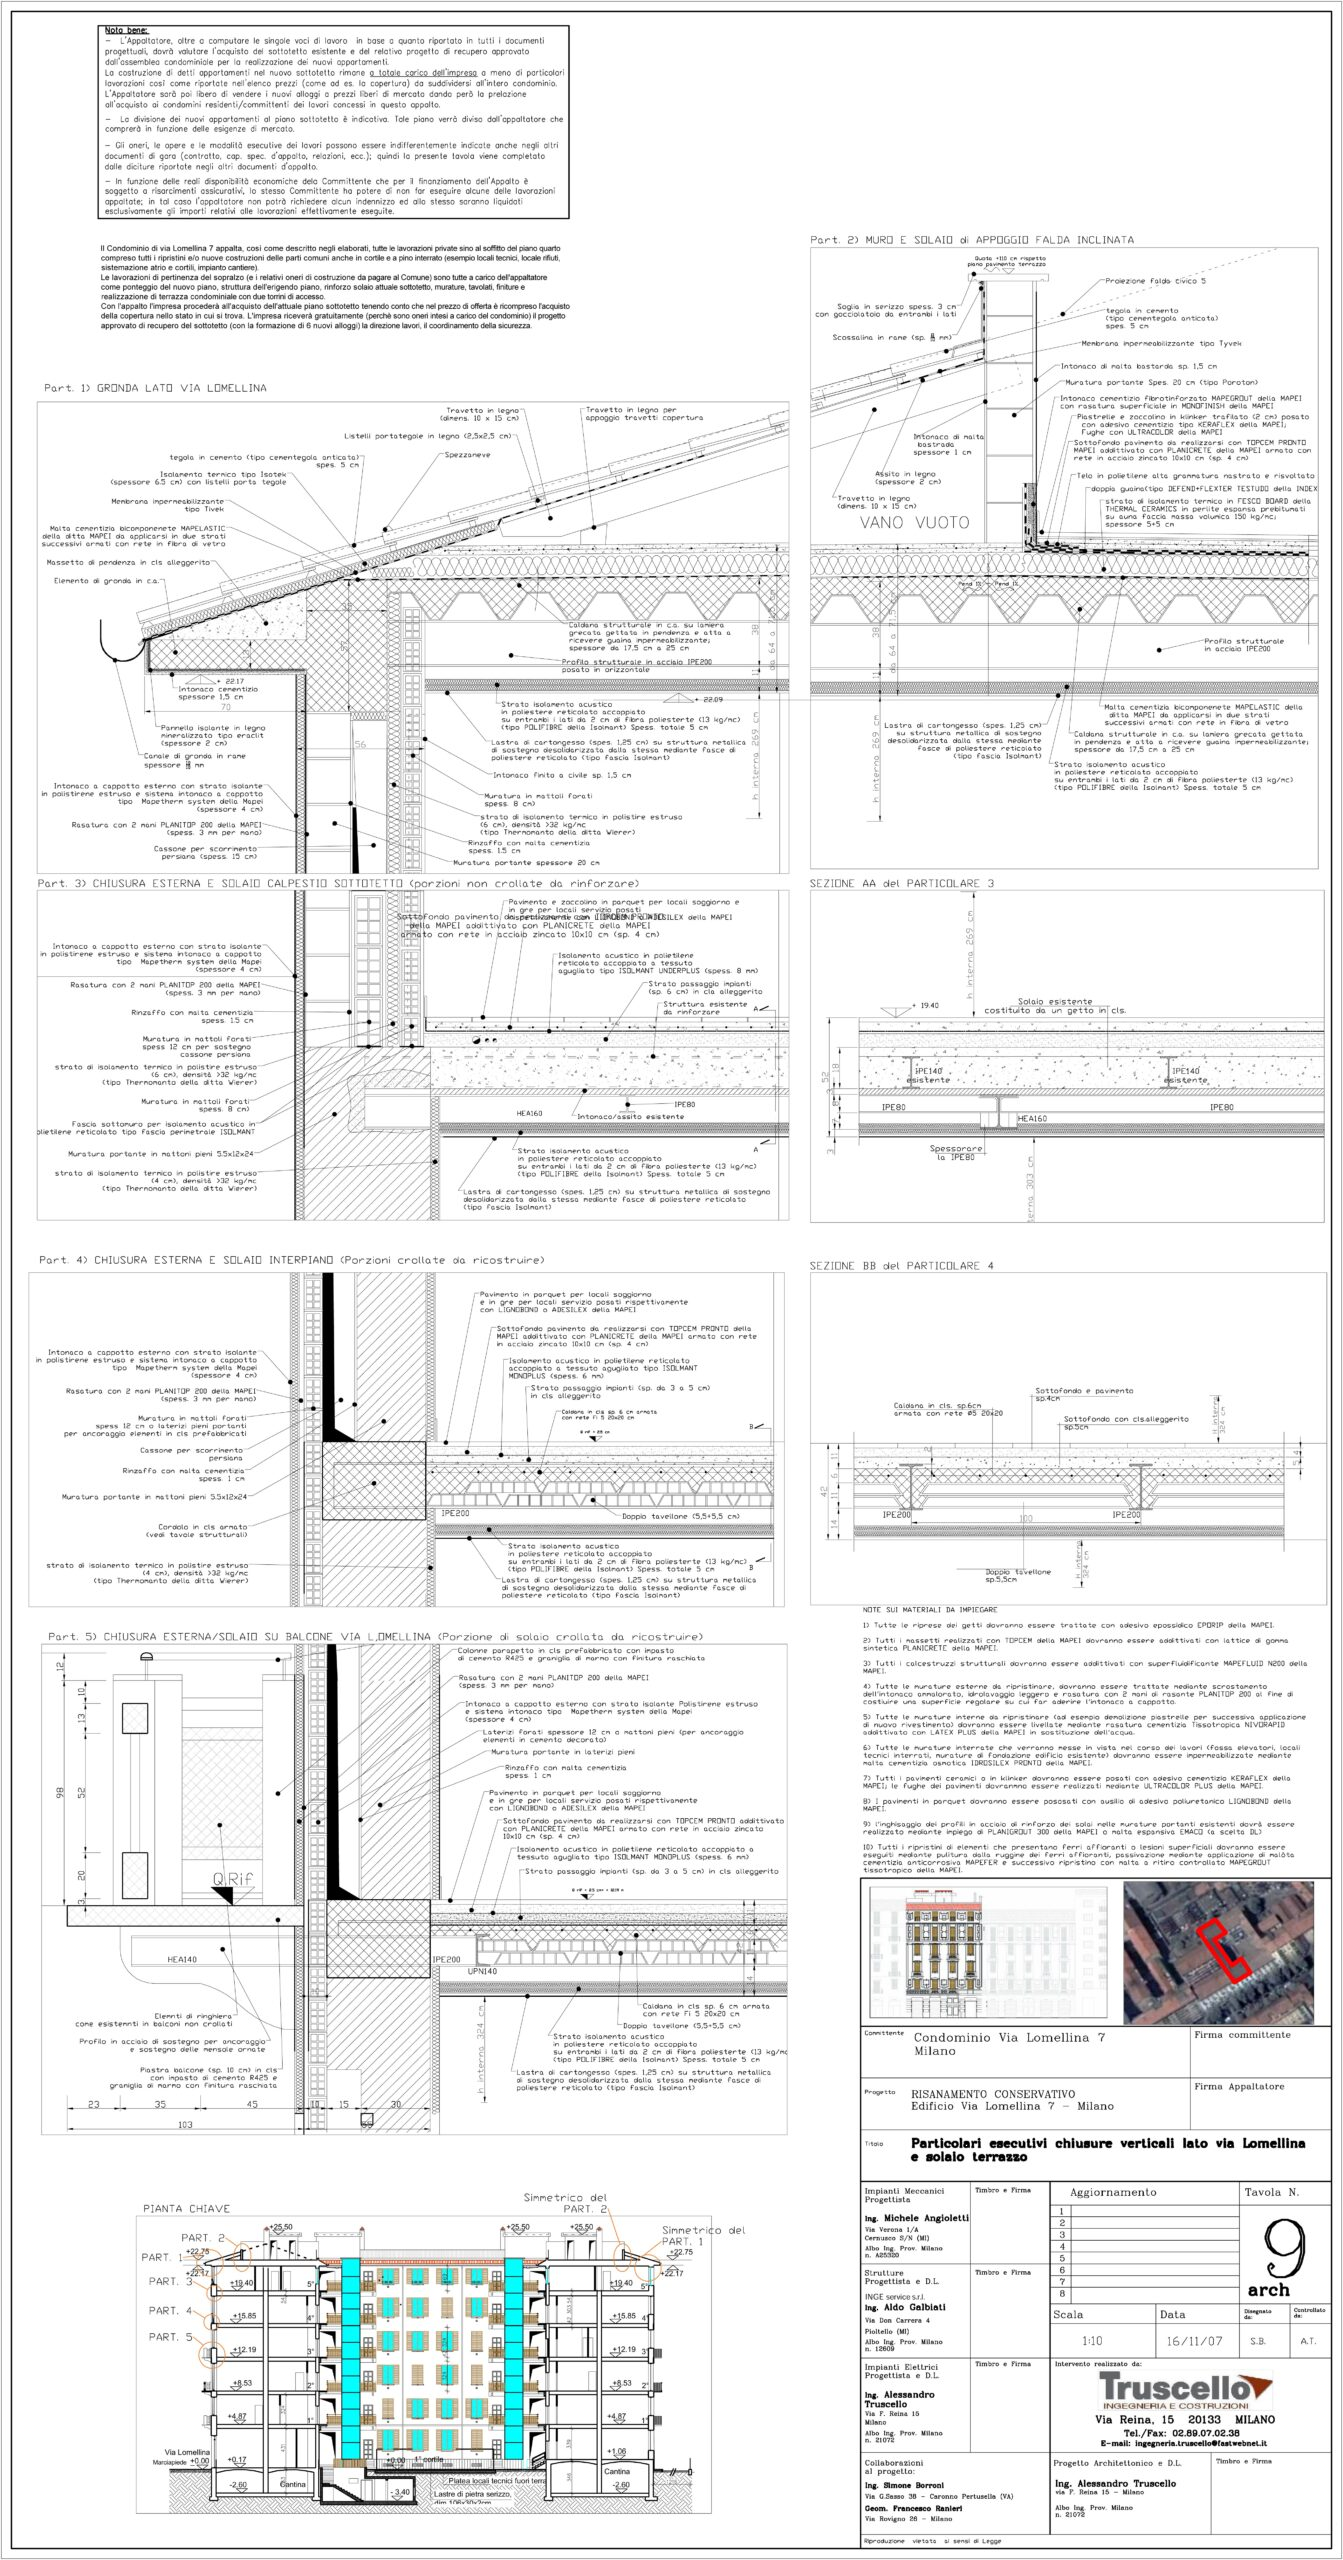 5. Elaborato grafico esecutivo con sezione tecnologica completa di particolari costruttivi ai nodi tecnologici, chiusura verticale – solaio interpiano in latero cemento, chiusura verticale – copertura: stato di progetto.